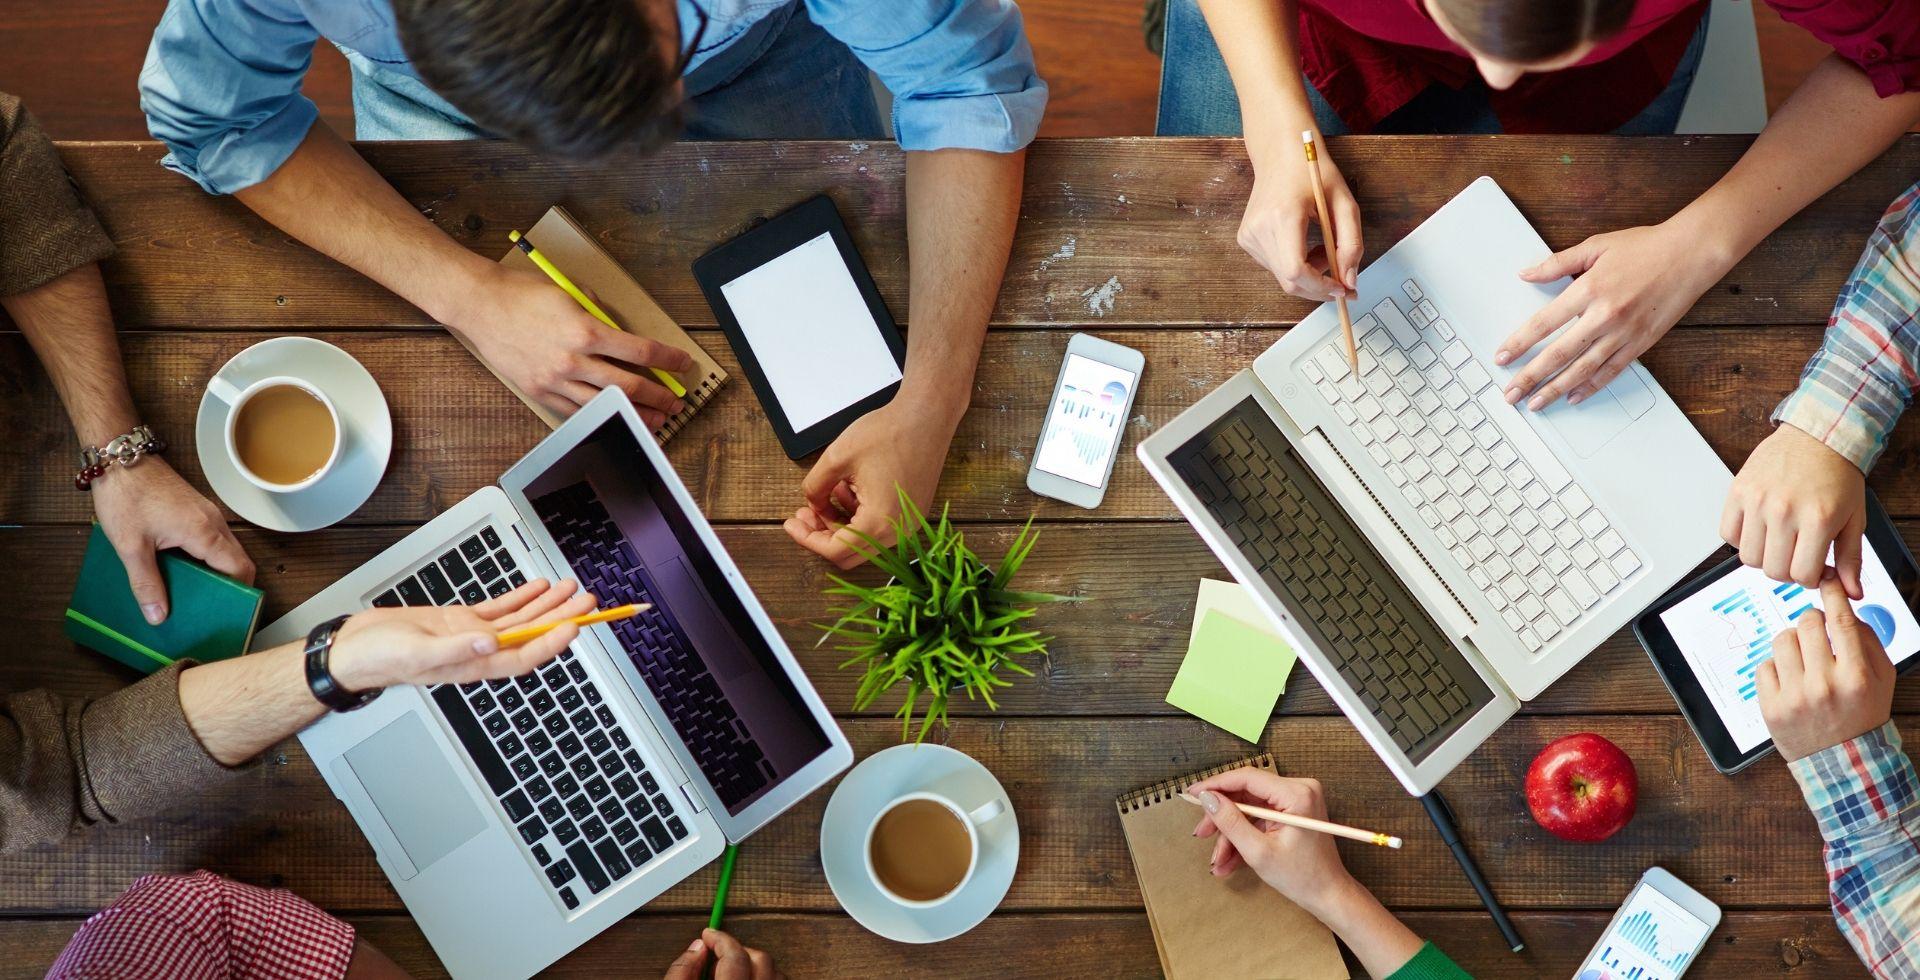 İdeal çalışma ortamınızı tarif edebilir misiniz?